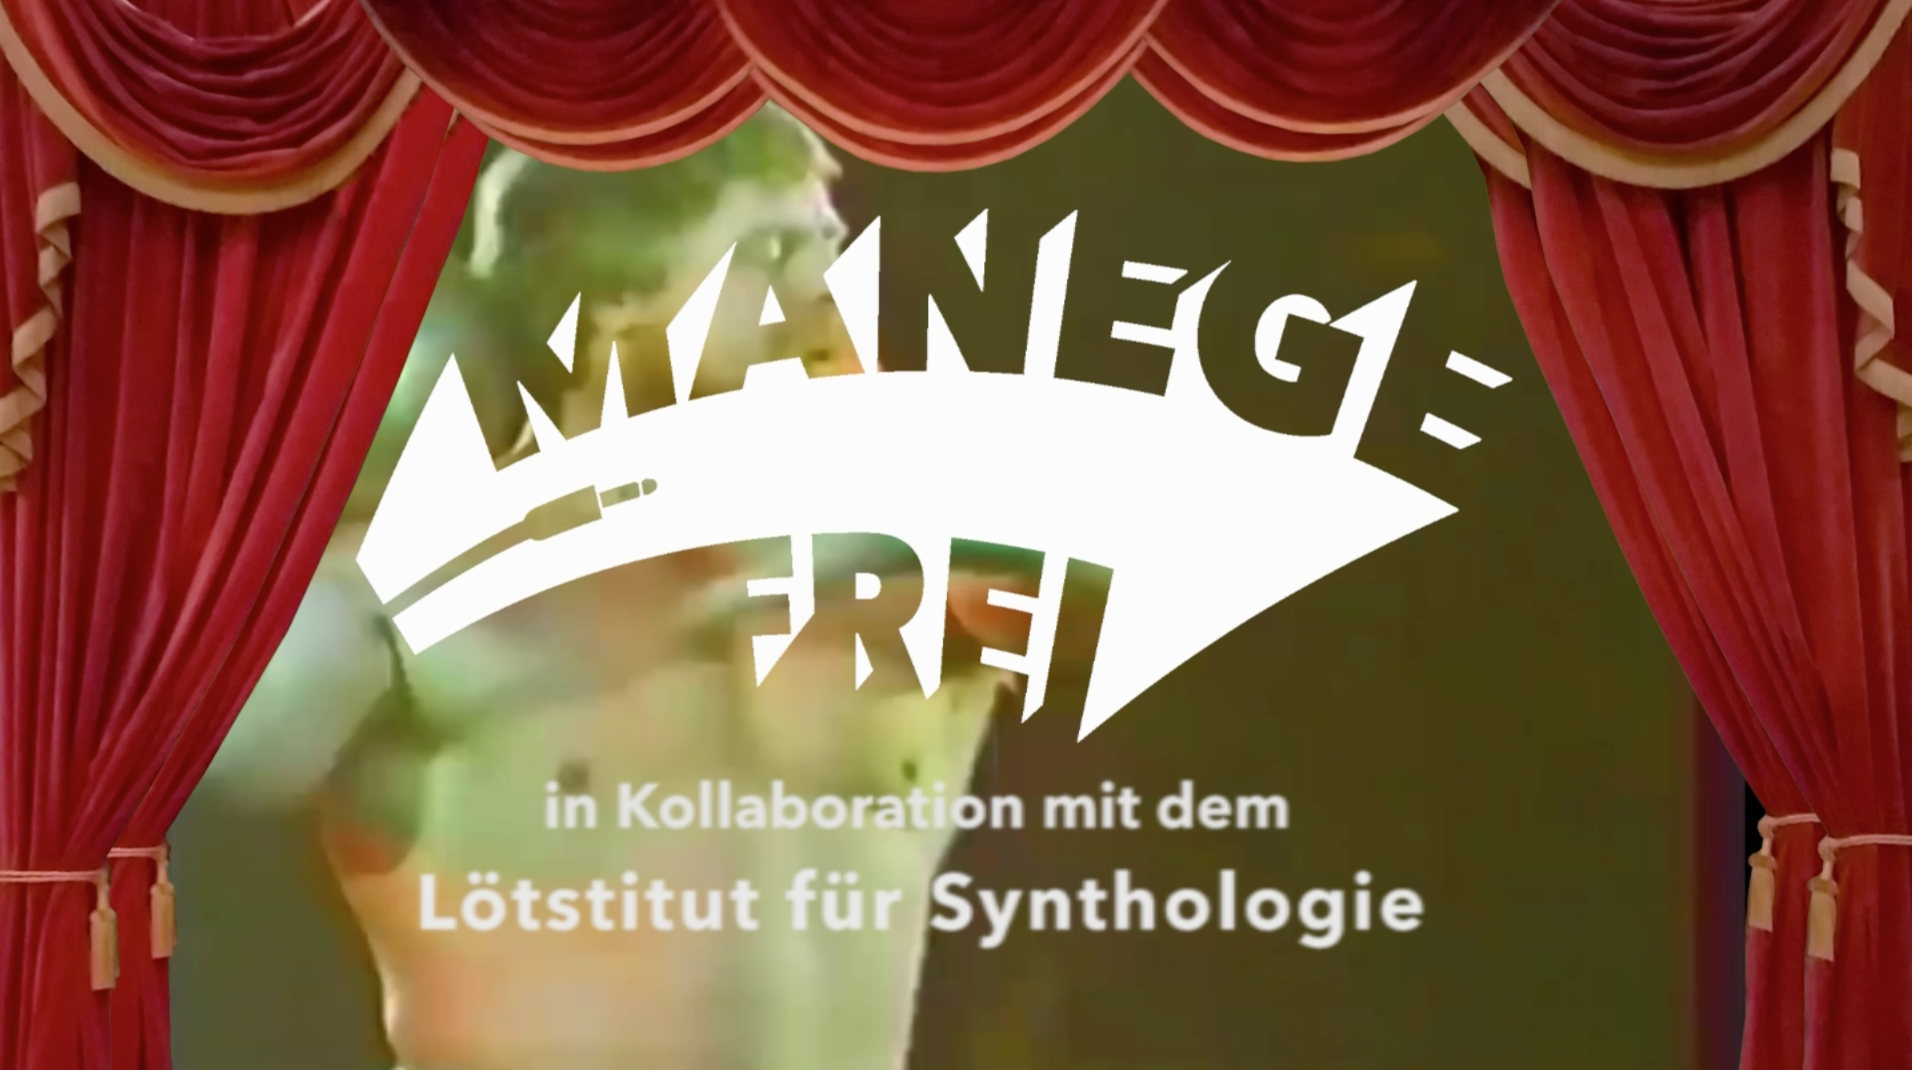 Manege_Frei_001